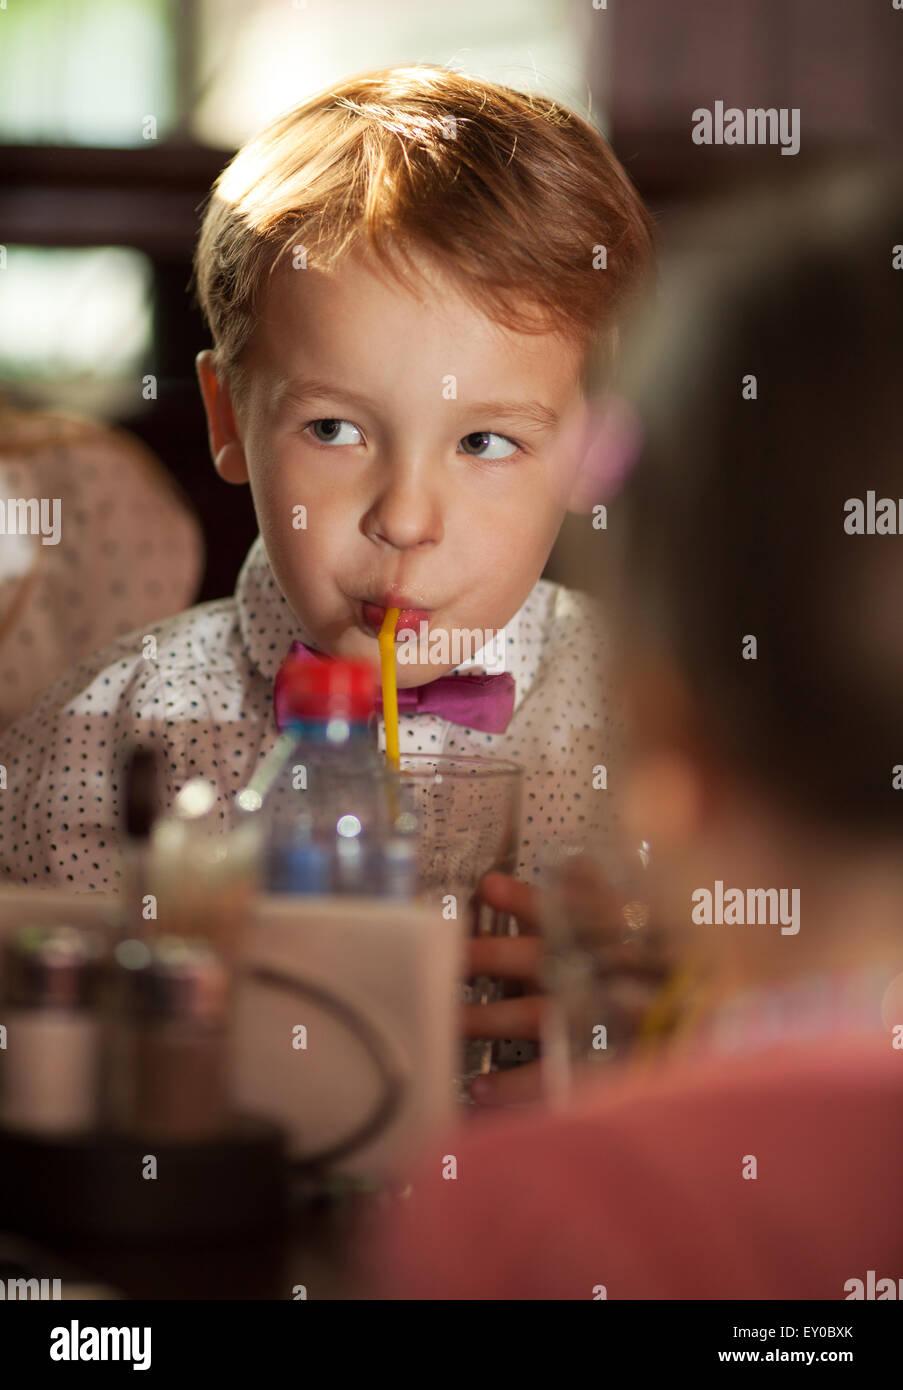 Kleiner Junge mit Röhrchen trinken Stockbild